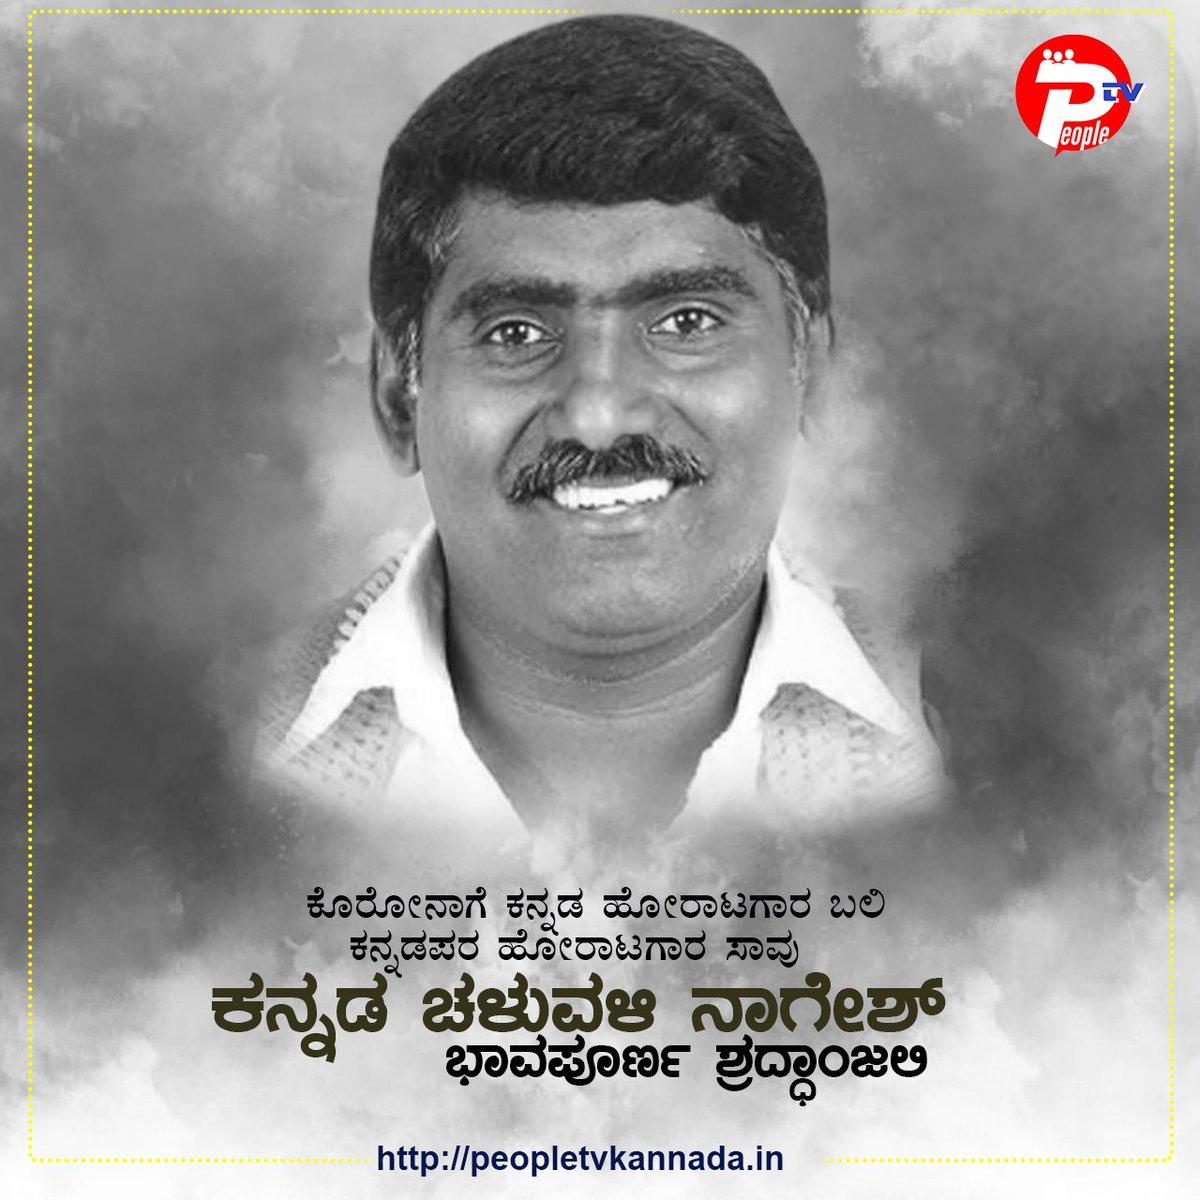 ಕೊರೋನಾಗೆ ಕನ್ನಡ ಹೋರಾಟಗಾರ ಬಲಿ. ಕನ್ನಡಪರ ಹೋರಾಟಗಾರ ನಾಗೇಶ್ ಸಾವು. #ಕನ್ನಡಚಳುವಳಿನಾಗೇಶ್ #Karnataka  #PeopletvKannada #peopletvLive #peopletv #KannadaNewsChannel #LatestNews #LatestKannadaNews #Kannada #Newsnightpic.twitter.com/RrAqa36IyB